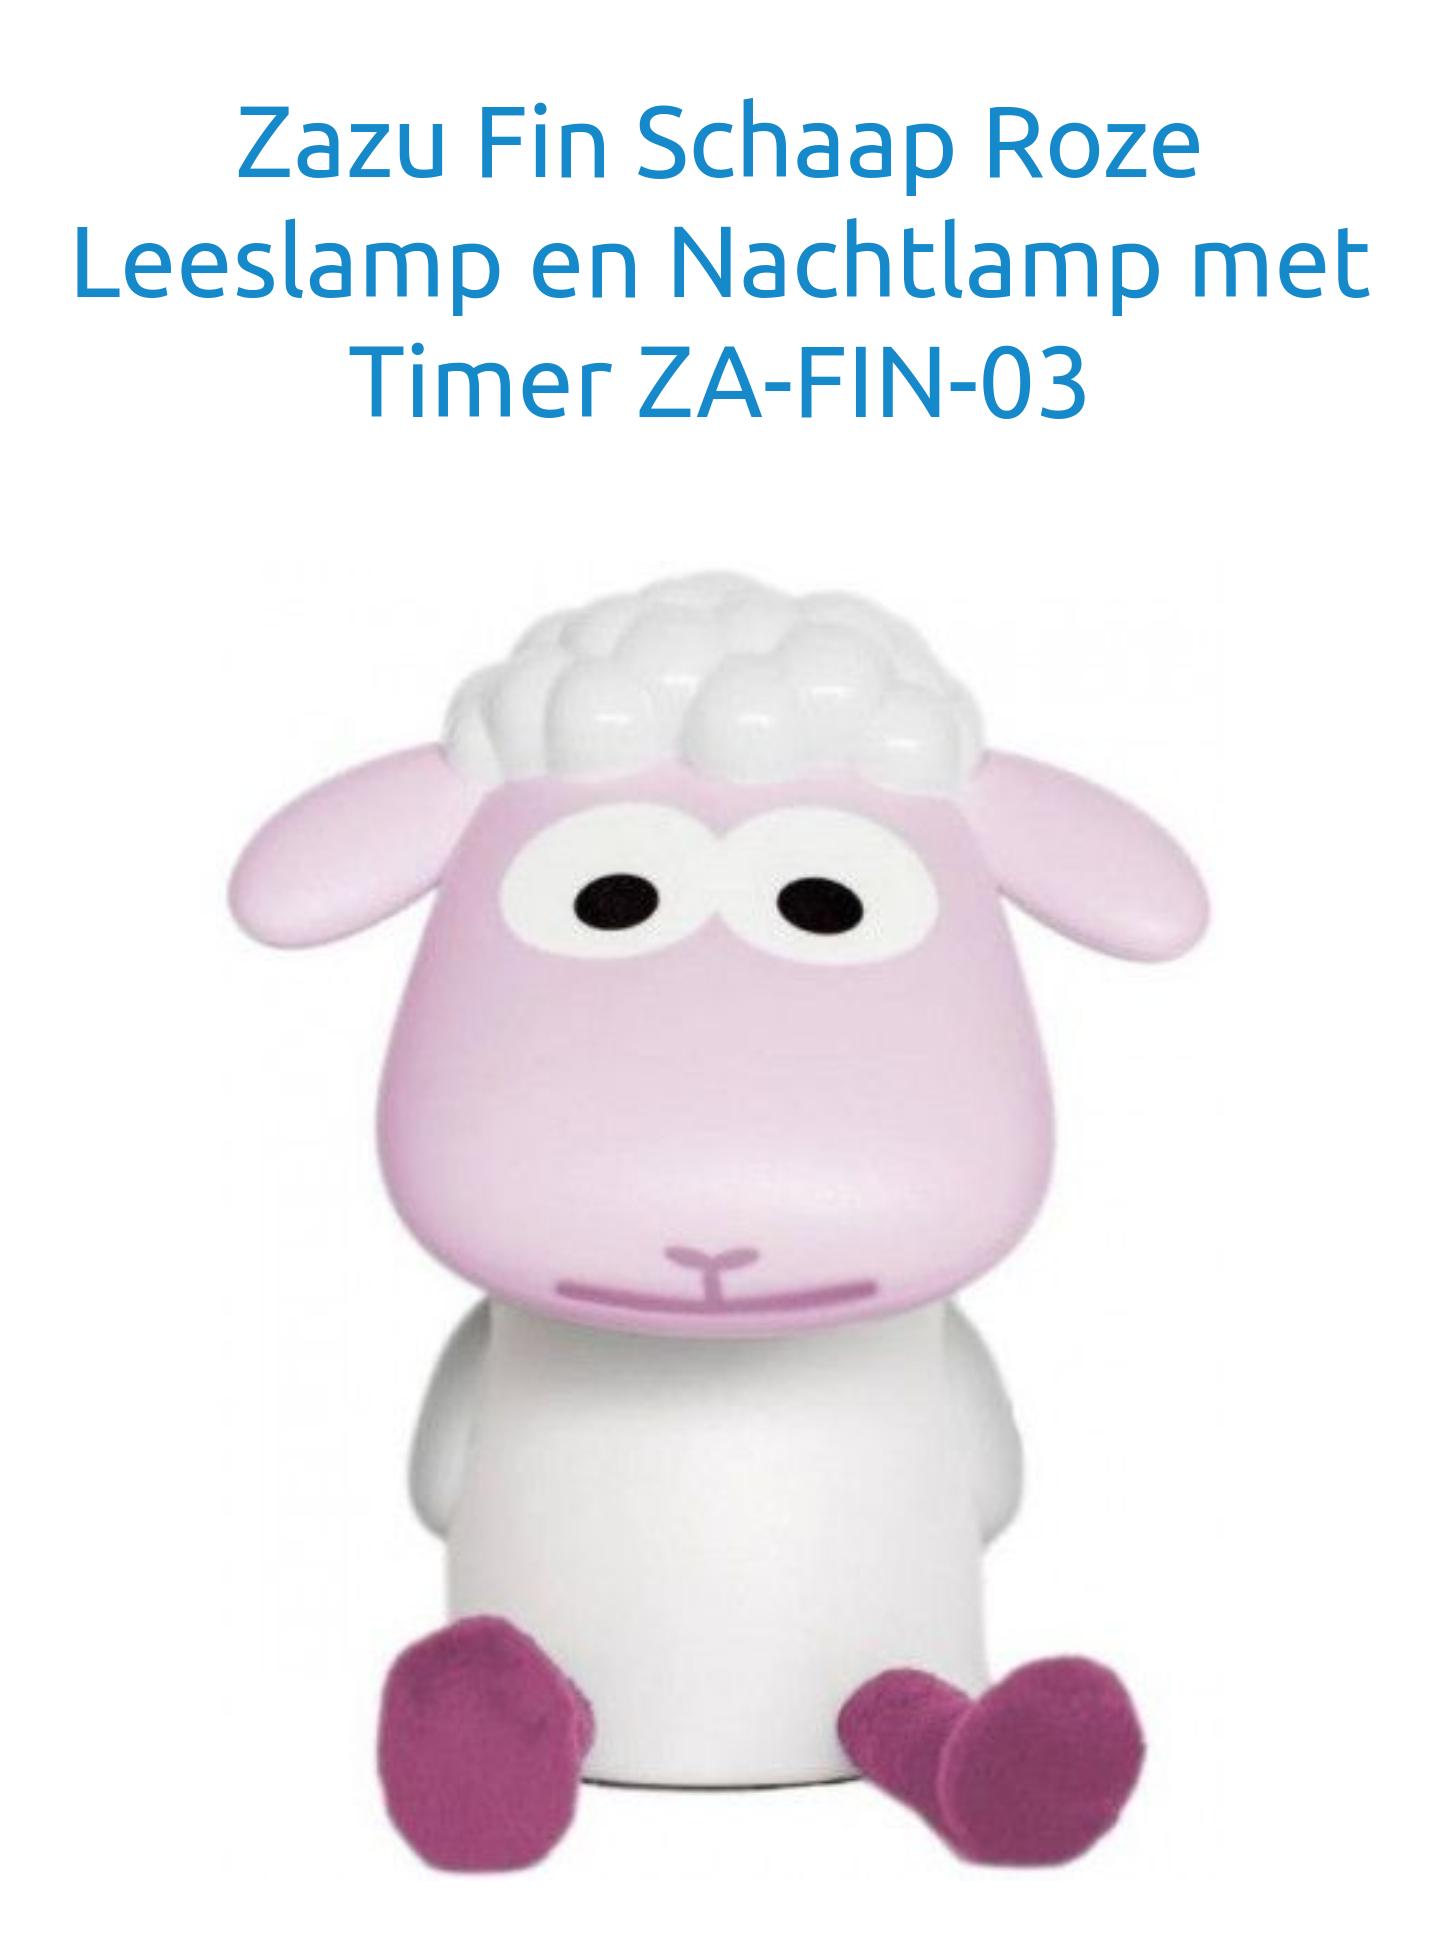 Zazu fin schaap roze of blauw leeslamp/nachtlampje van 29,99 voor 14,99